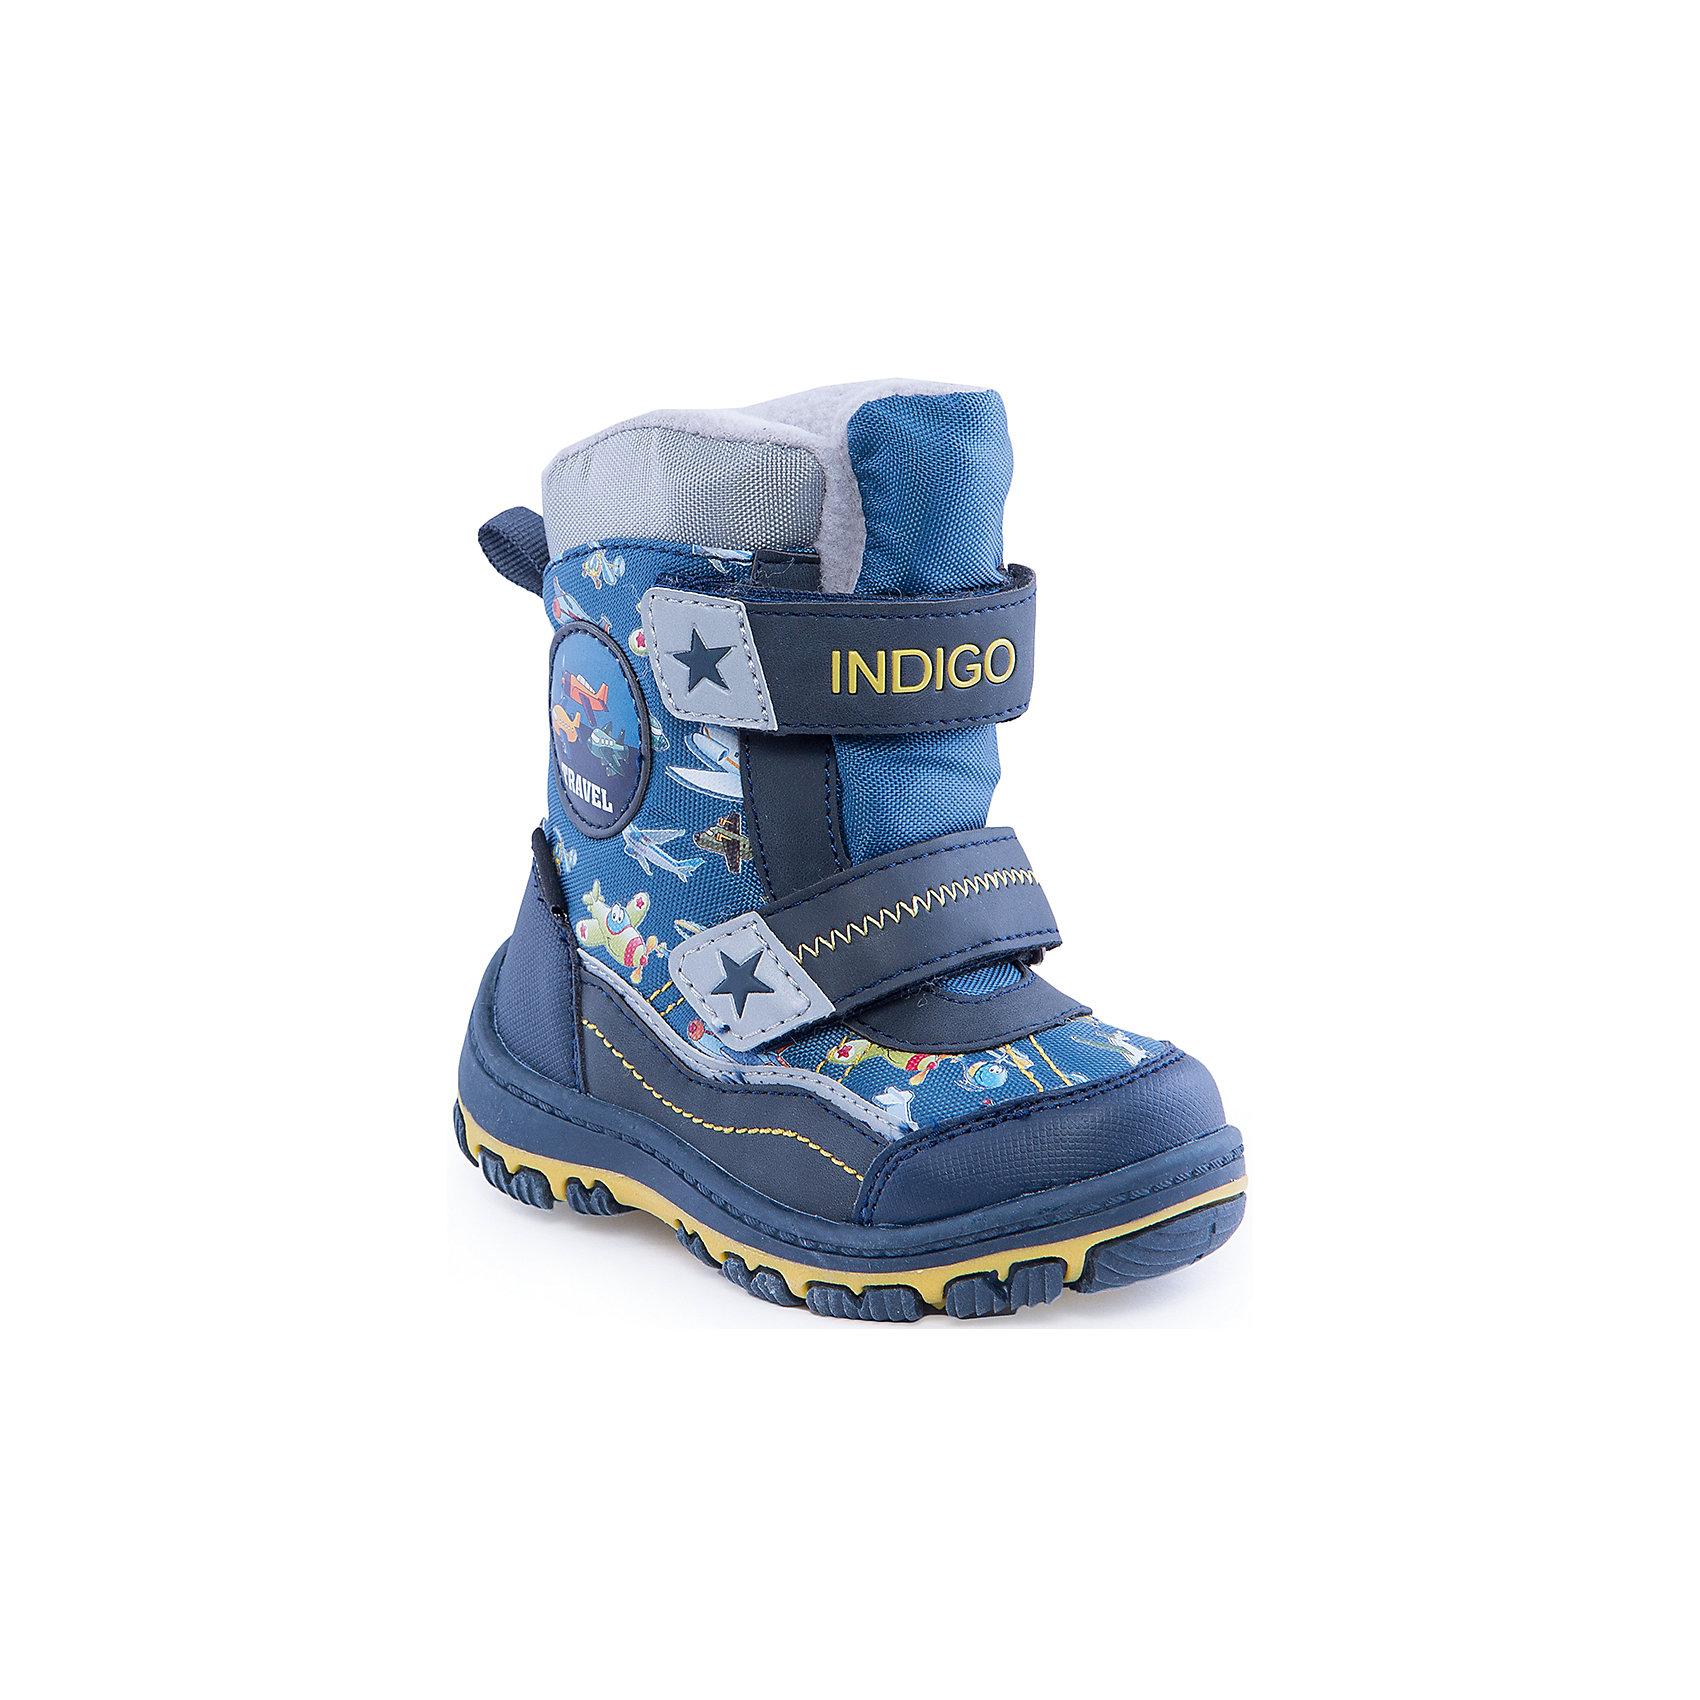 Сапоги для мальчика Indigo kidsСапоги для мальчика от известного  бренда Indigo kids<br><br>Модные и удобные сапоги помогут защитить детские ножки от сырости и холода. Они легко надеваются, комфортно садятся по ноге. <br>Сапоги сделаны с применением технологии INDIGO TEX – это мембранный материал, выводящий влагу из обуви наружу, но не позволяющий сырости проникать внутрь.<br><br>Особенности модели:<br><br>- цвет - синий;<br>- стильный дизайн;<br>- защита пятки и пальцев;<br>- удобная колодка;<br>- подкладка шерстяная;<br>- вставка с тематическим изображением самолеты;<br>- мембрана INDIGO TEX;<br>- устойчивая рифленая подошва;<br>- застежки - липучки.<br><br>Дополнительная информация:<br><br>Температурный режим:<br>от -15° С до +5° С<br><br>Состав:<br><br>верх – текстиль/искусственная кожа;<br>подкладка - шерсть;<br>подошва - полимер.<br><br>Сапоги для мальчика Indigo kids (Индиго Кидс) можно купить в нашем магазине.<br><br>Ширина мм: 257<br>Глубина мм: 180<br>Высота мм: 130<br>Вес г: 420<br>Цвет: синий<br>Возраст от месяцев: 15<br>Возраст до месяцев: 18<br>Пол: Мужской<br>Возраст: Детский<br>Размер: 22,27,26,25,23,24<br>SKU: 4340552